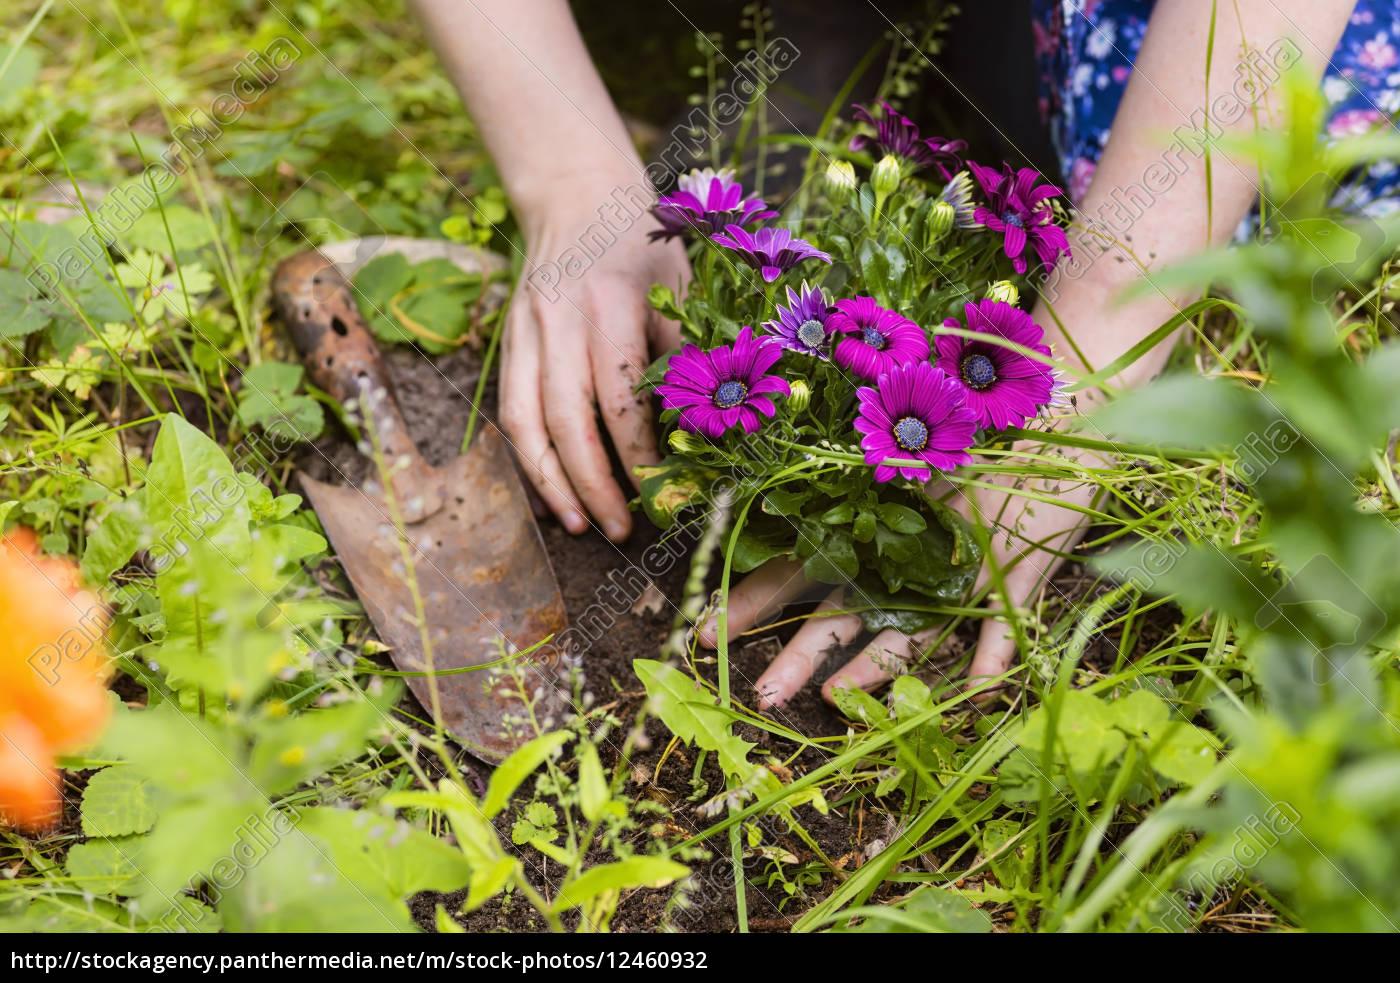 blumen pflanzen - lizenzfreies foto - #12460932 - bildagentur